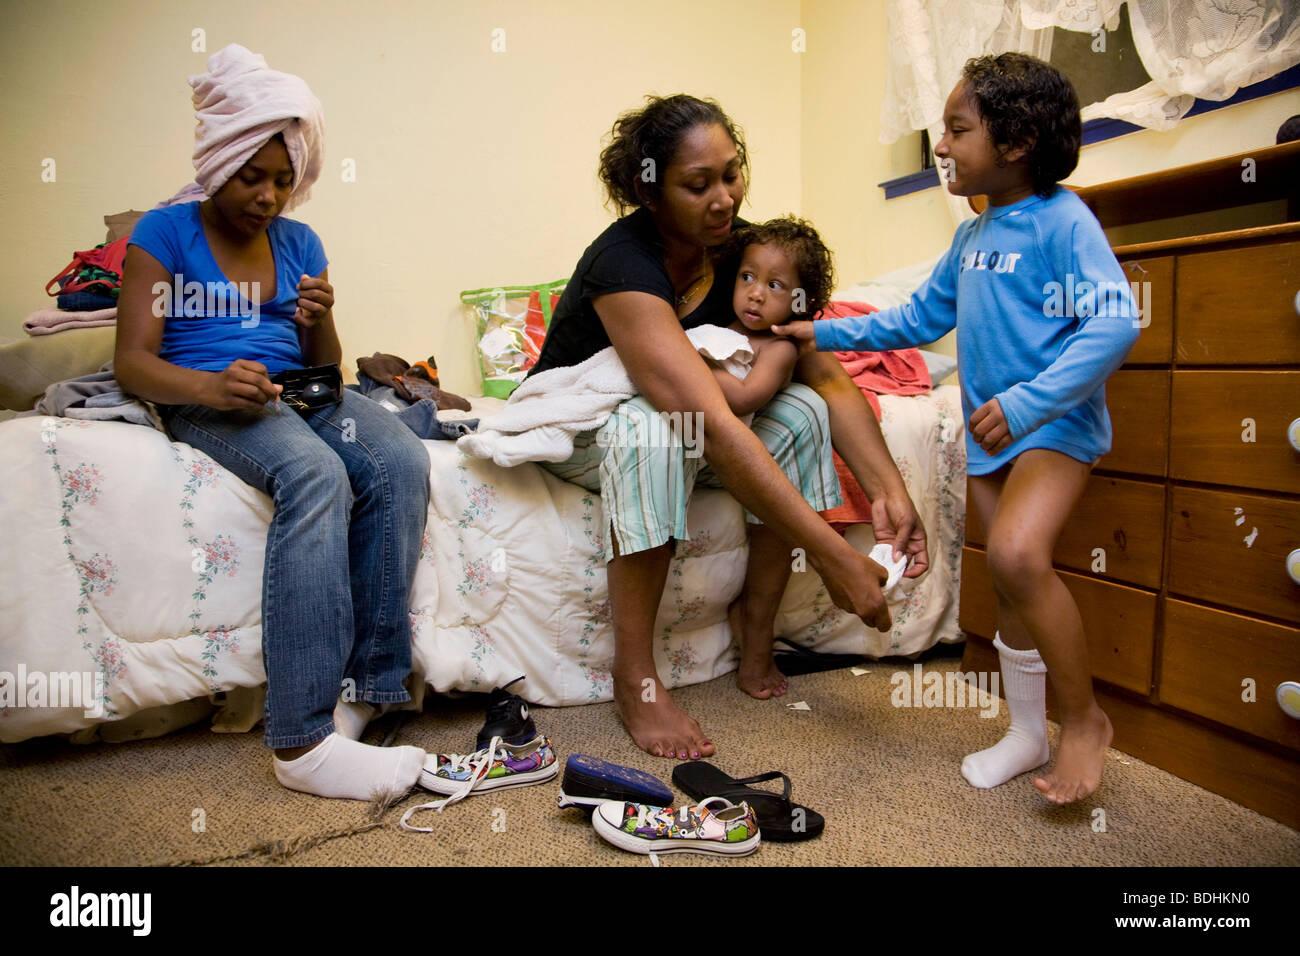 Selena Pina, una casa madre di quattro, ottiene il suo bambini vestiti per la scuola presso la famiglia promette Immagini Stock